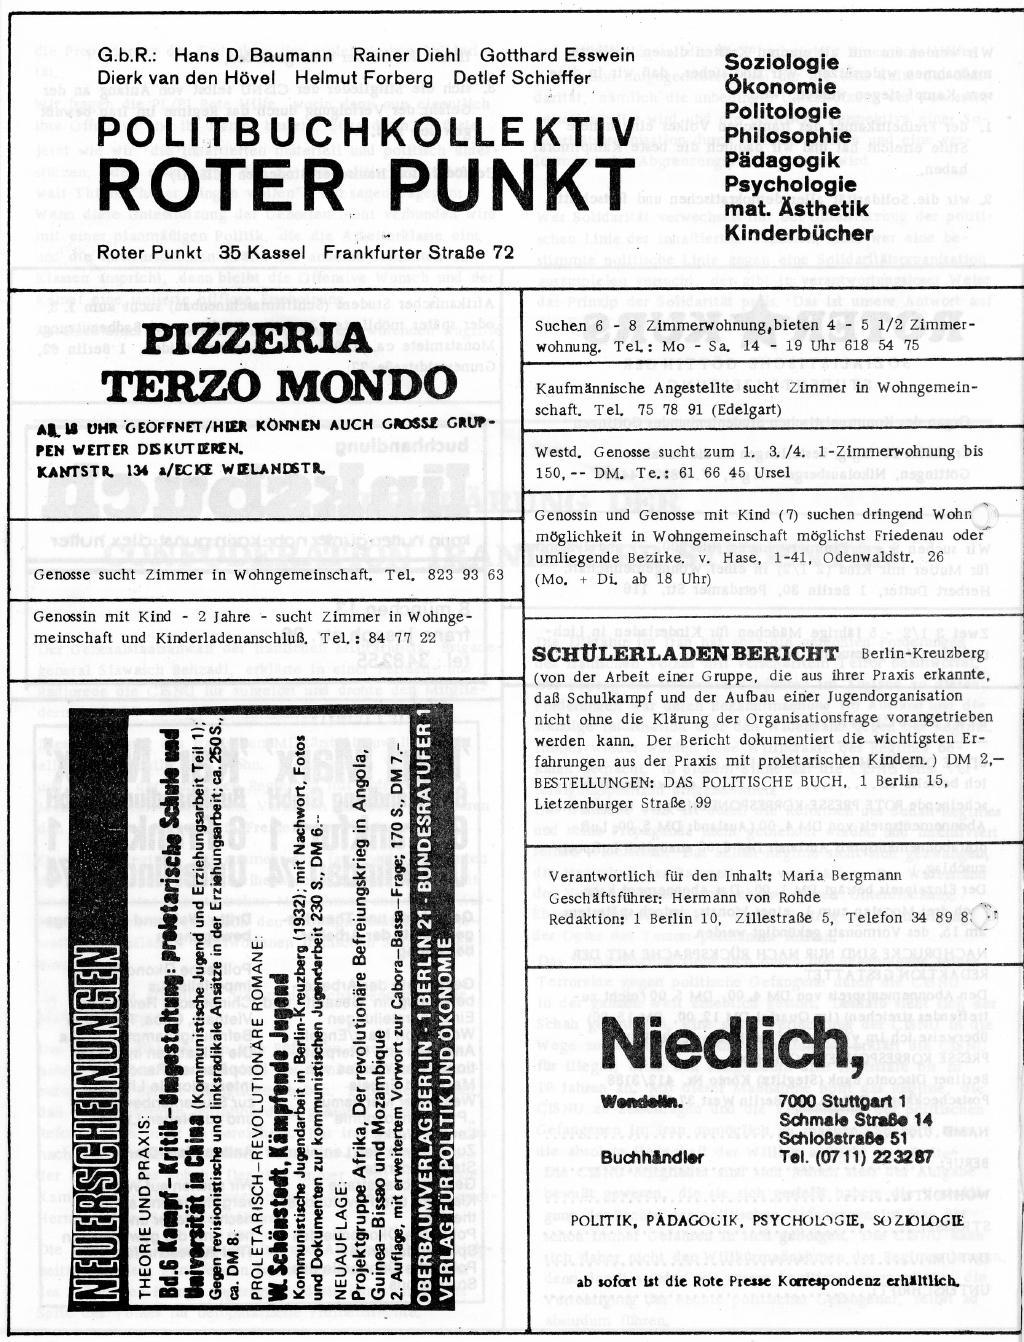 RPK_1971_103_14